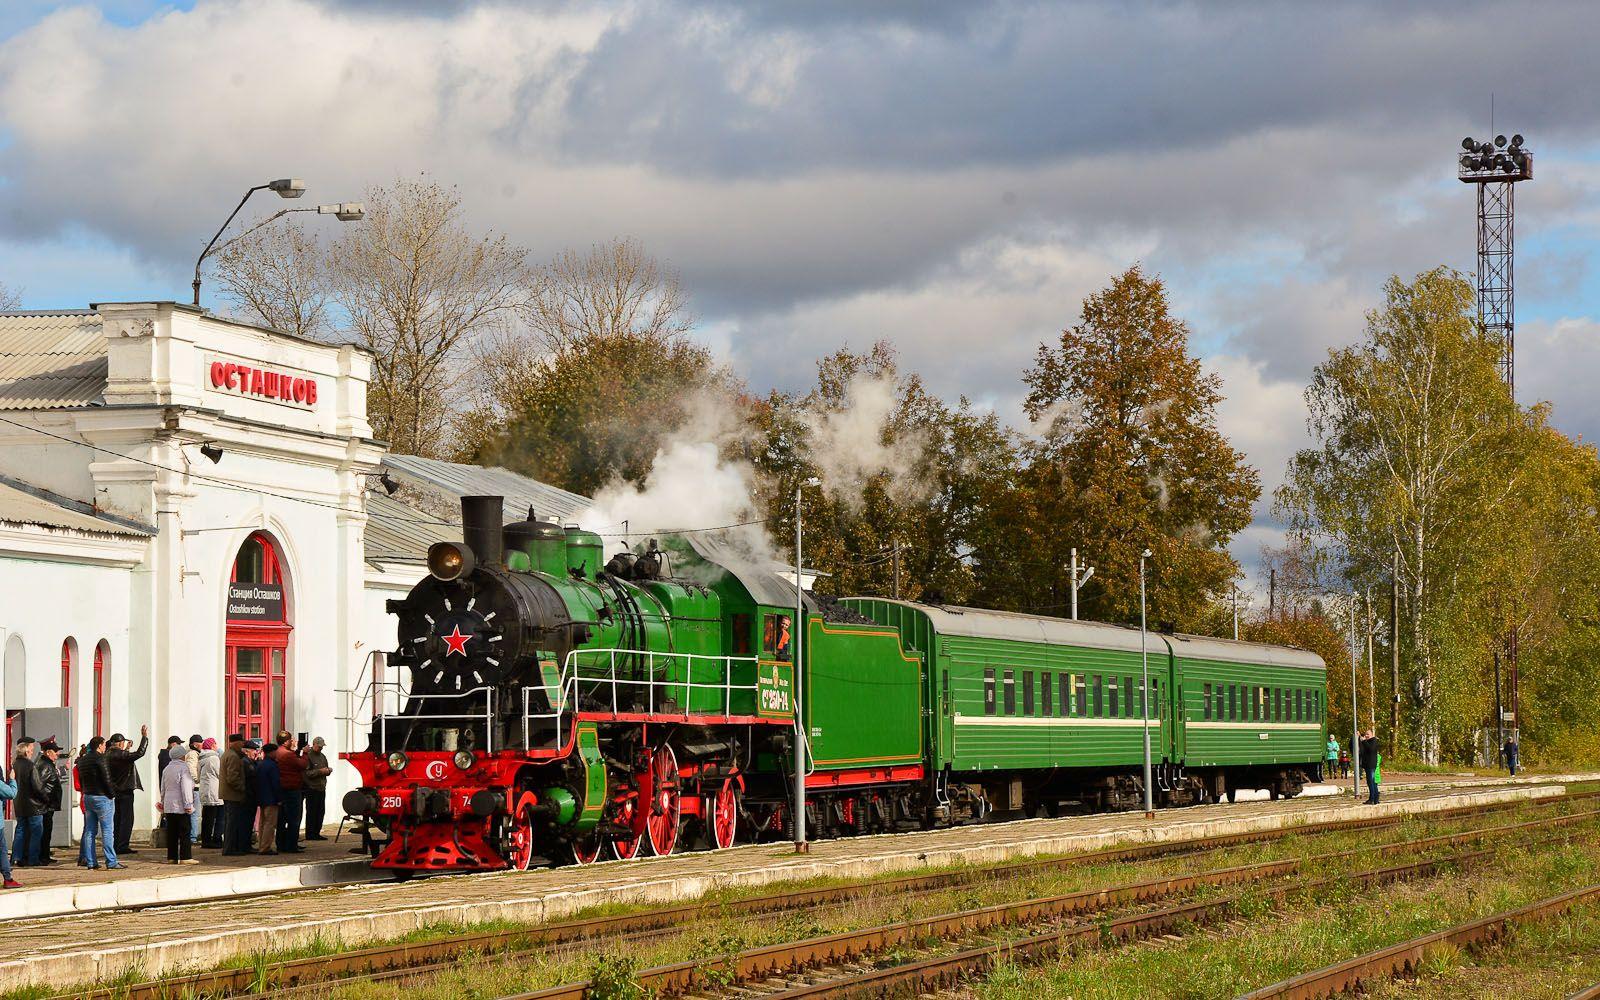 ©Foto: railmen Steffen Mann | Dampflok CY250-74 fährt mit Dampf im Bf Ostaschkov ein | 29.09.2018